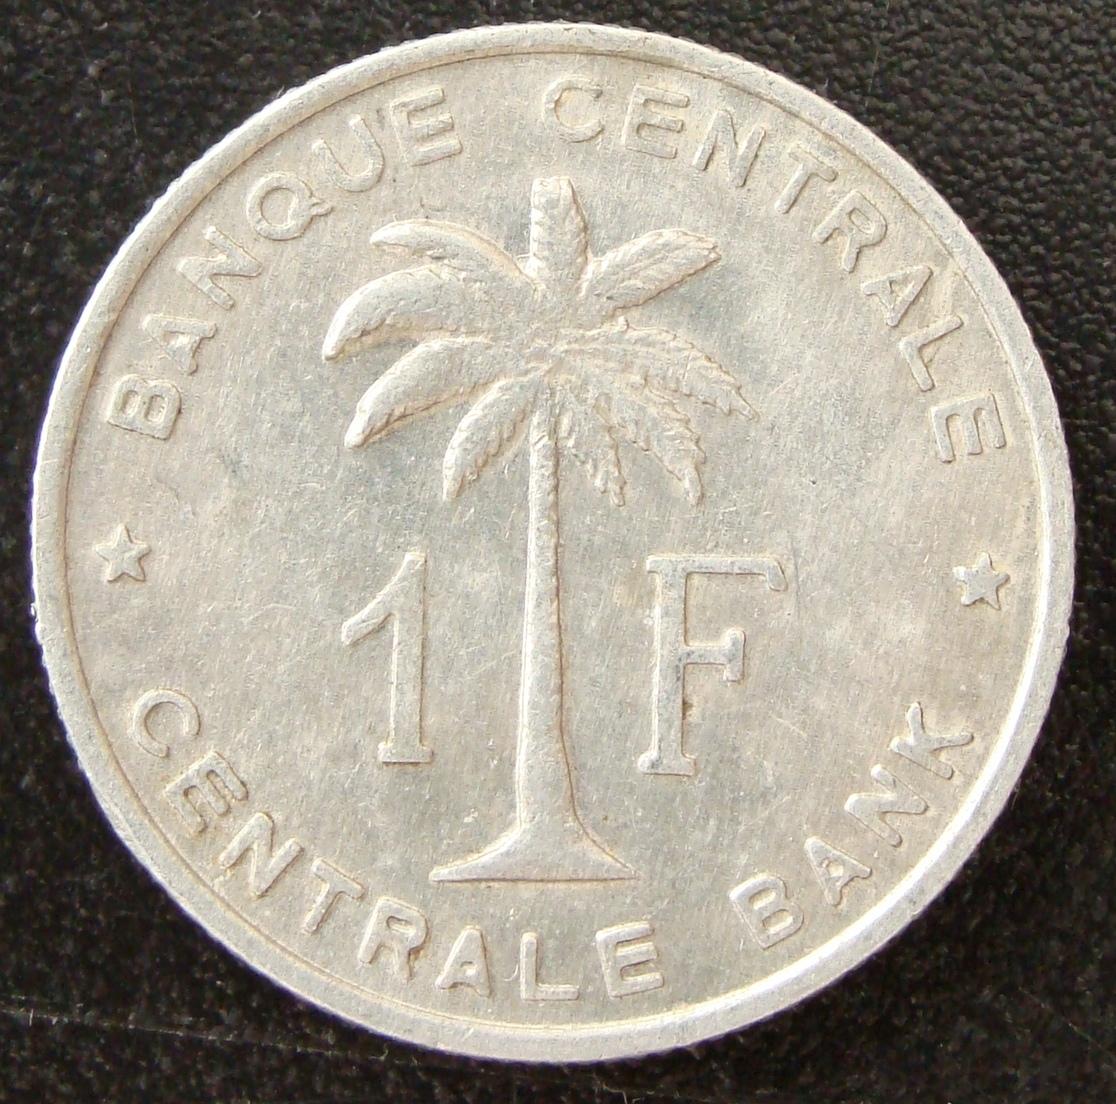 1 Franco. Congo belga (1959) RDC_1_Franco_1959_rev